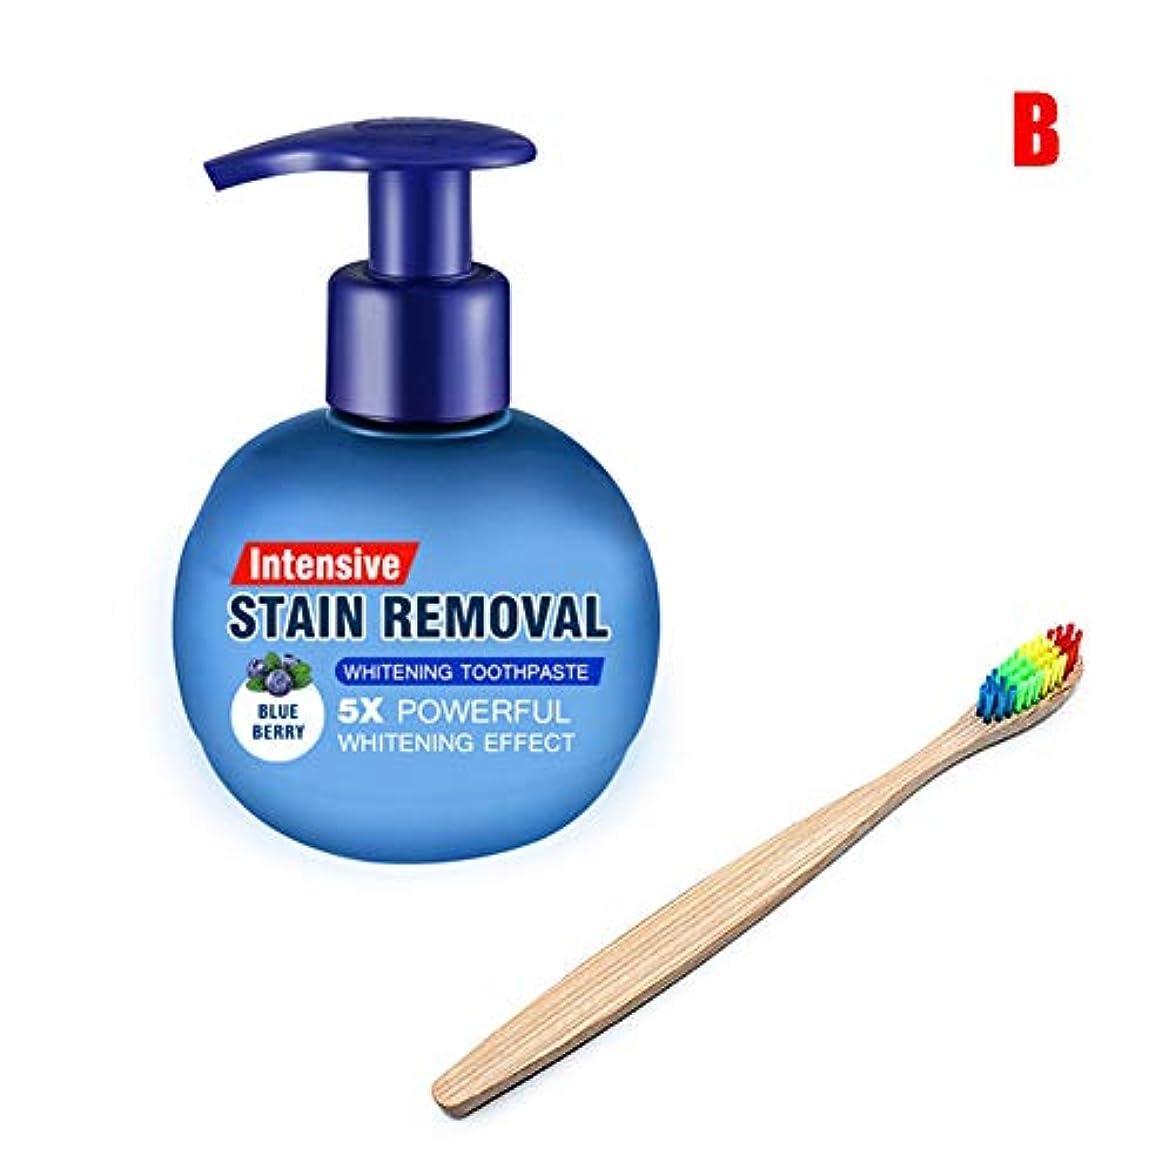 ナチュラ鰐息苦しいMAYouth ホワイトニング歯磨き粉 歯を磨くための歯ブラシで歯磨き粉アンチブリーディングガムを白くする集中的な汚れ除去剤